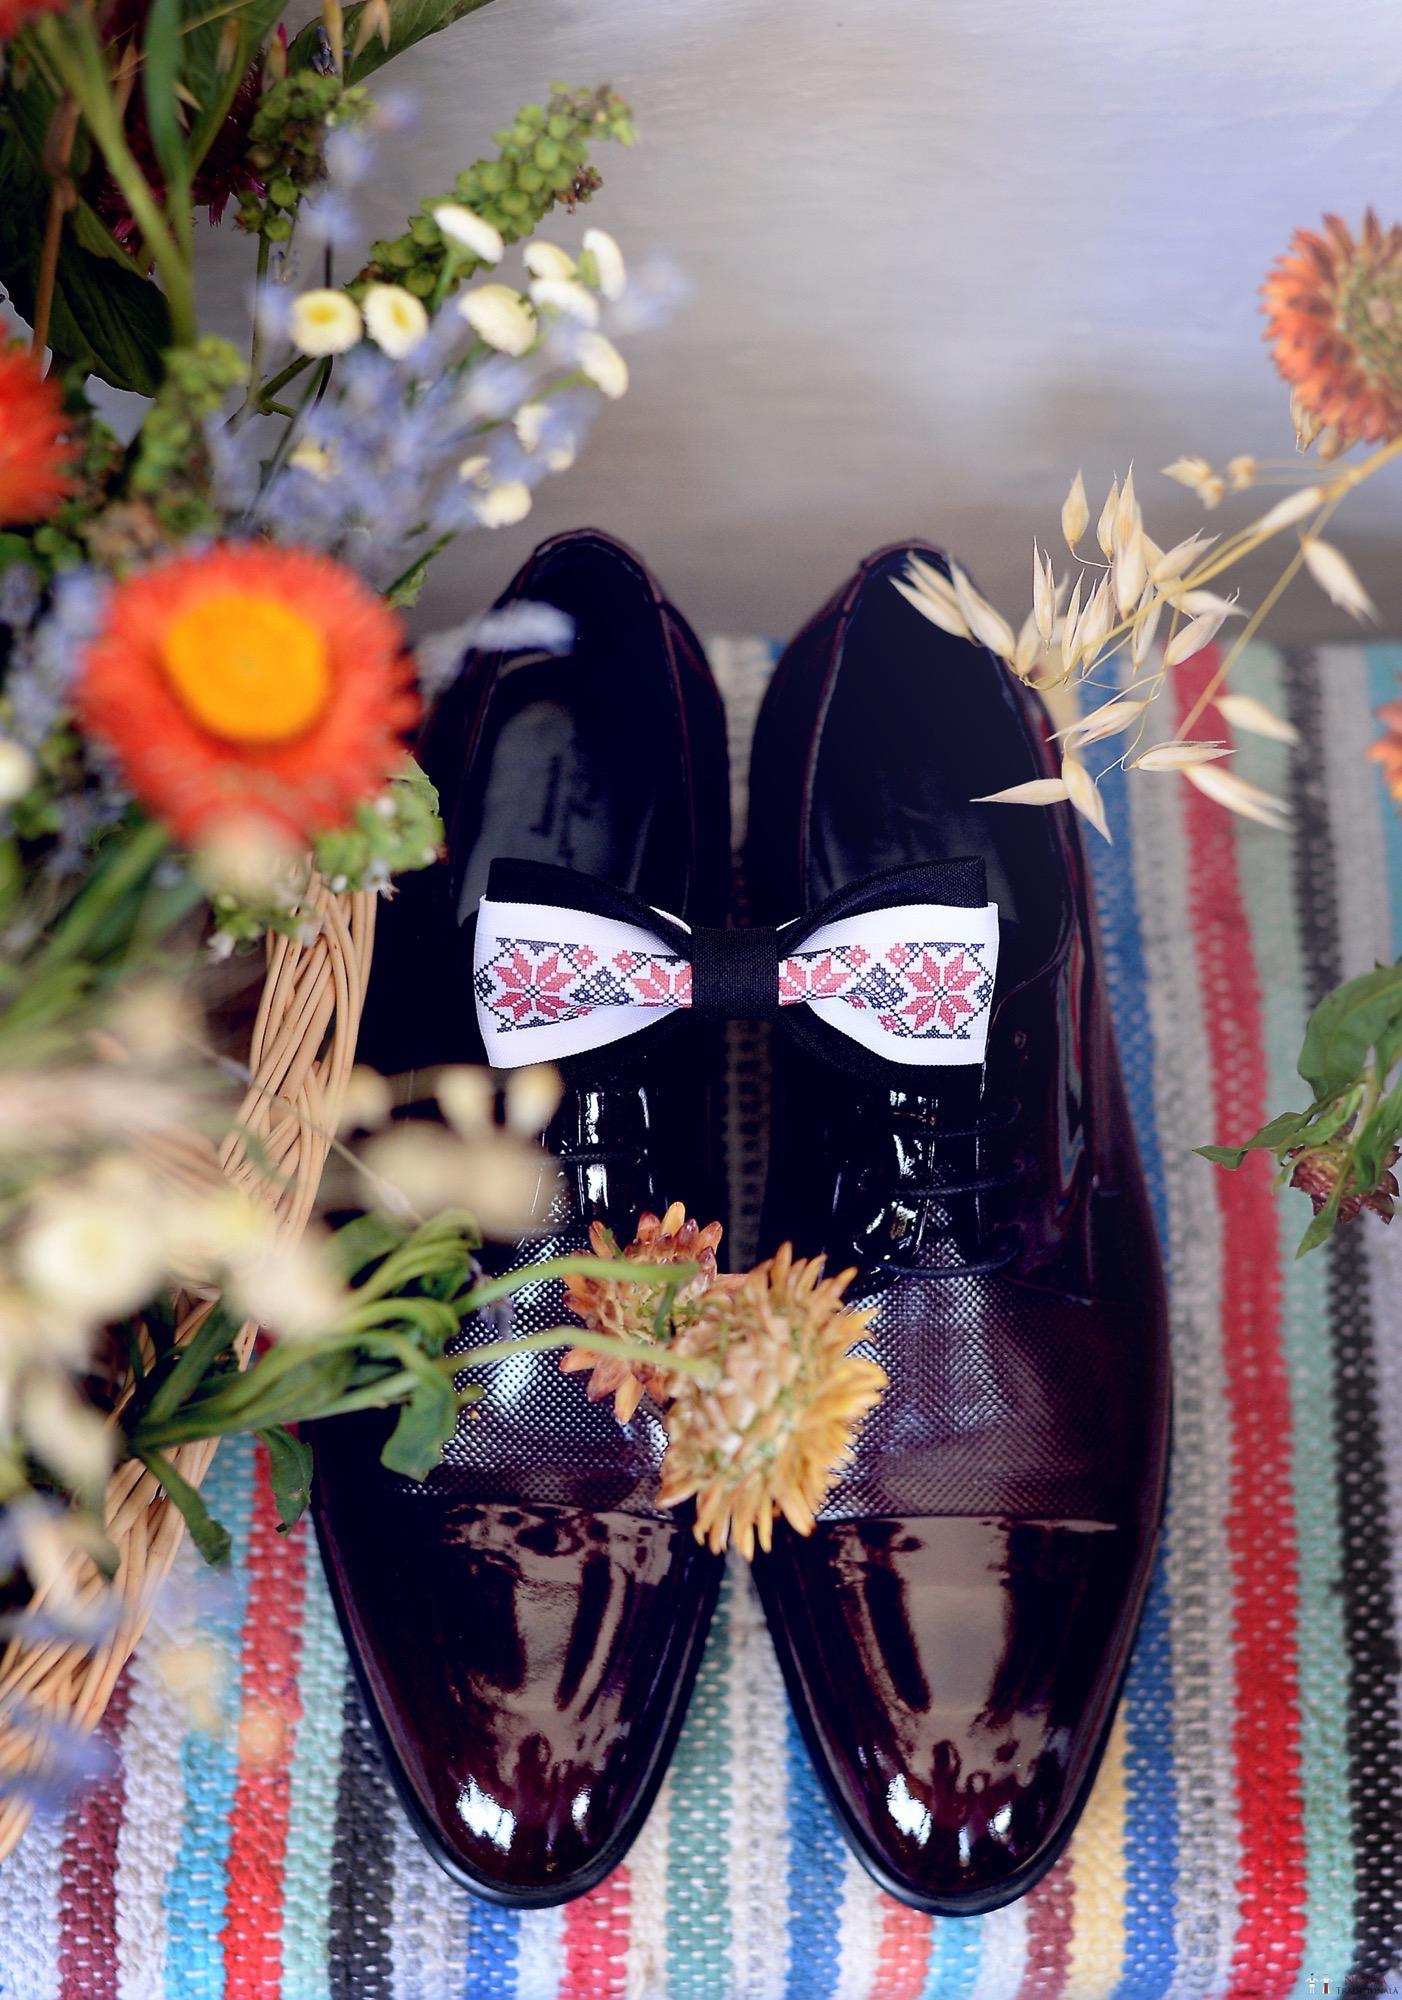 Povești Nunți Tradiționale - Iulia și Andrei. Nuntă tradițională în Bucovina. 37